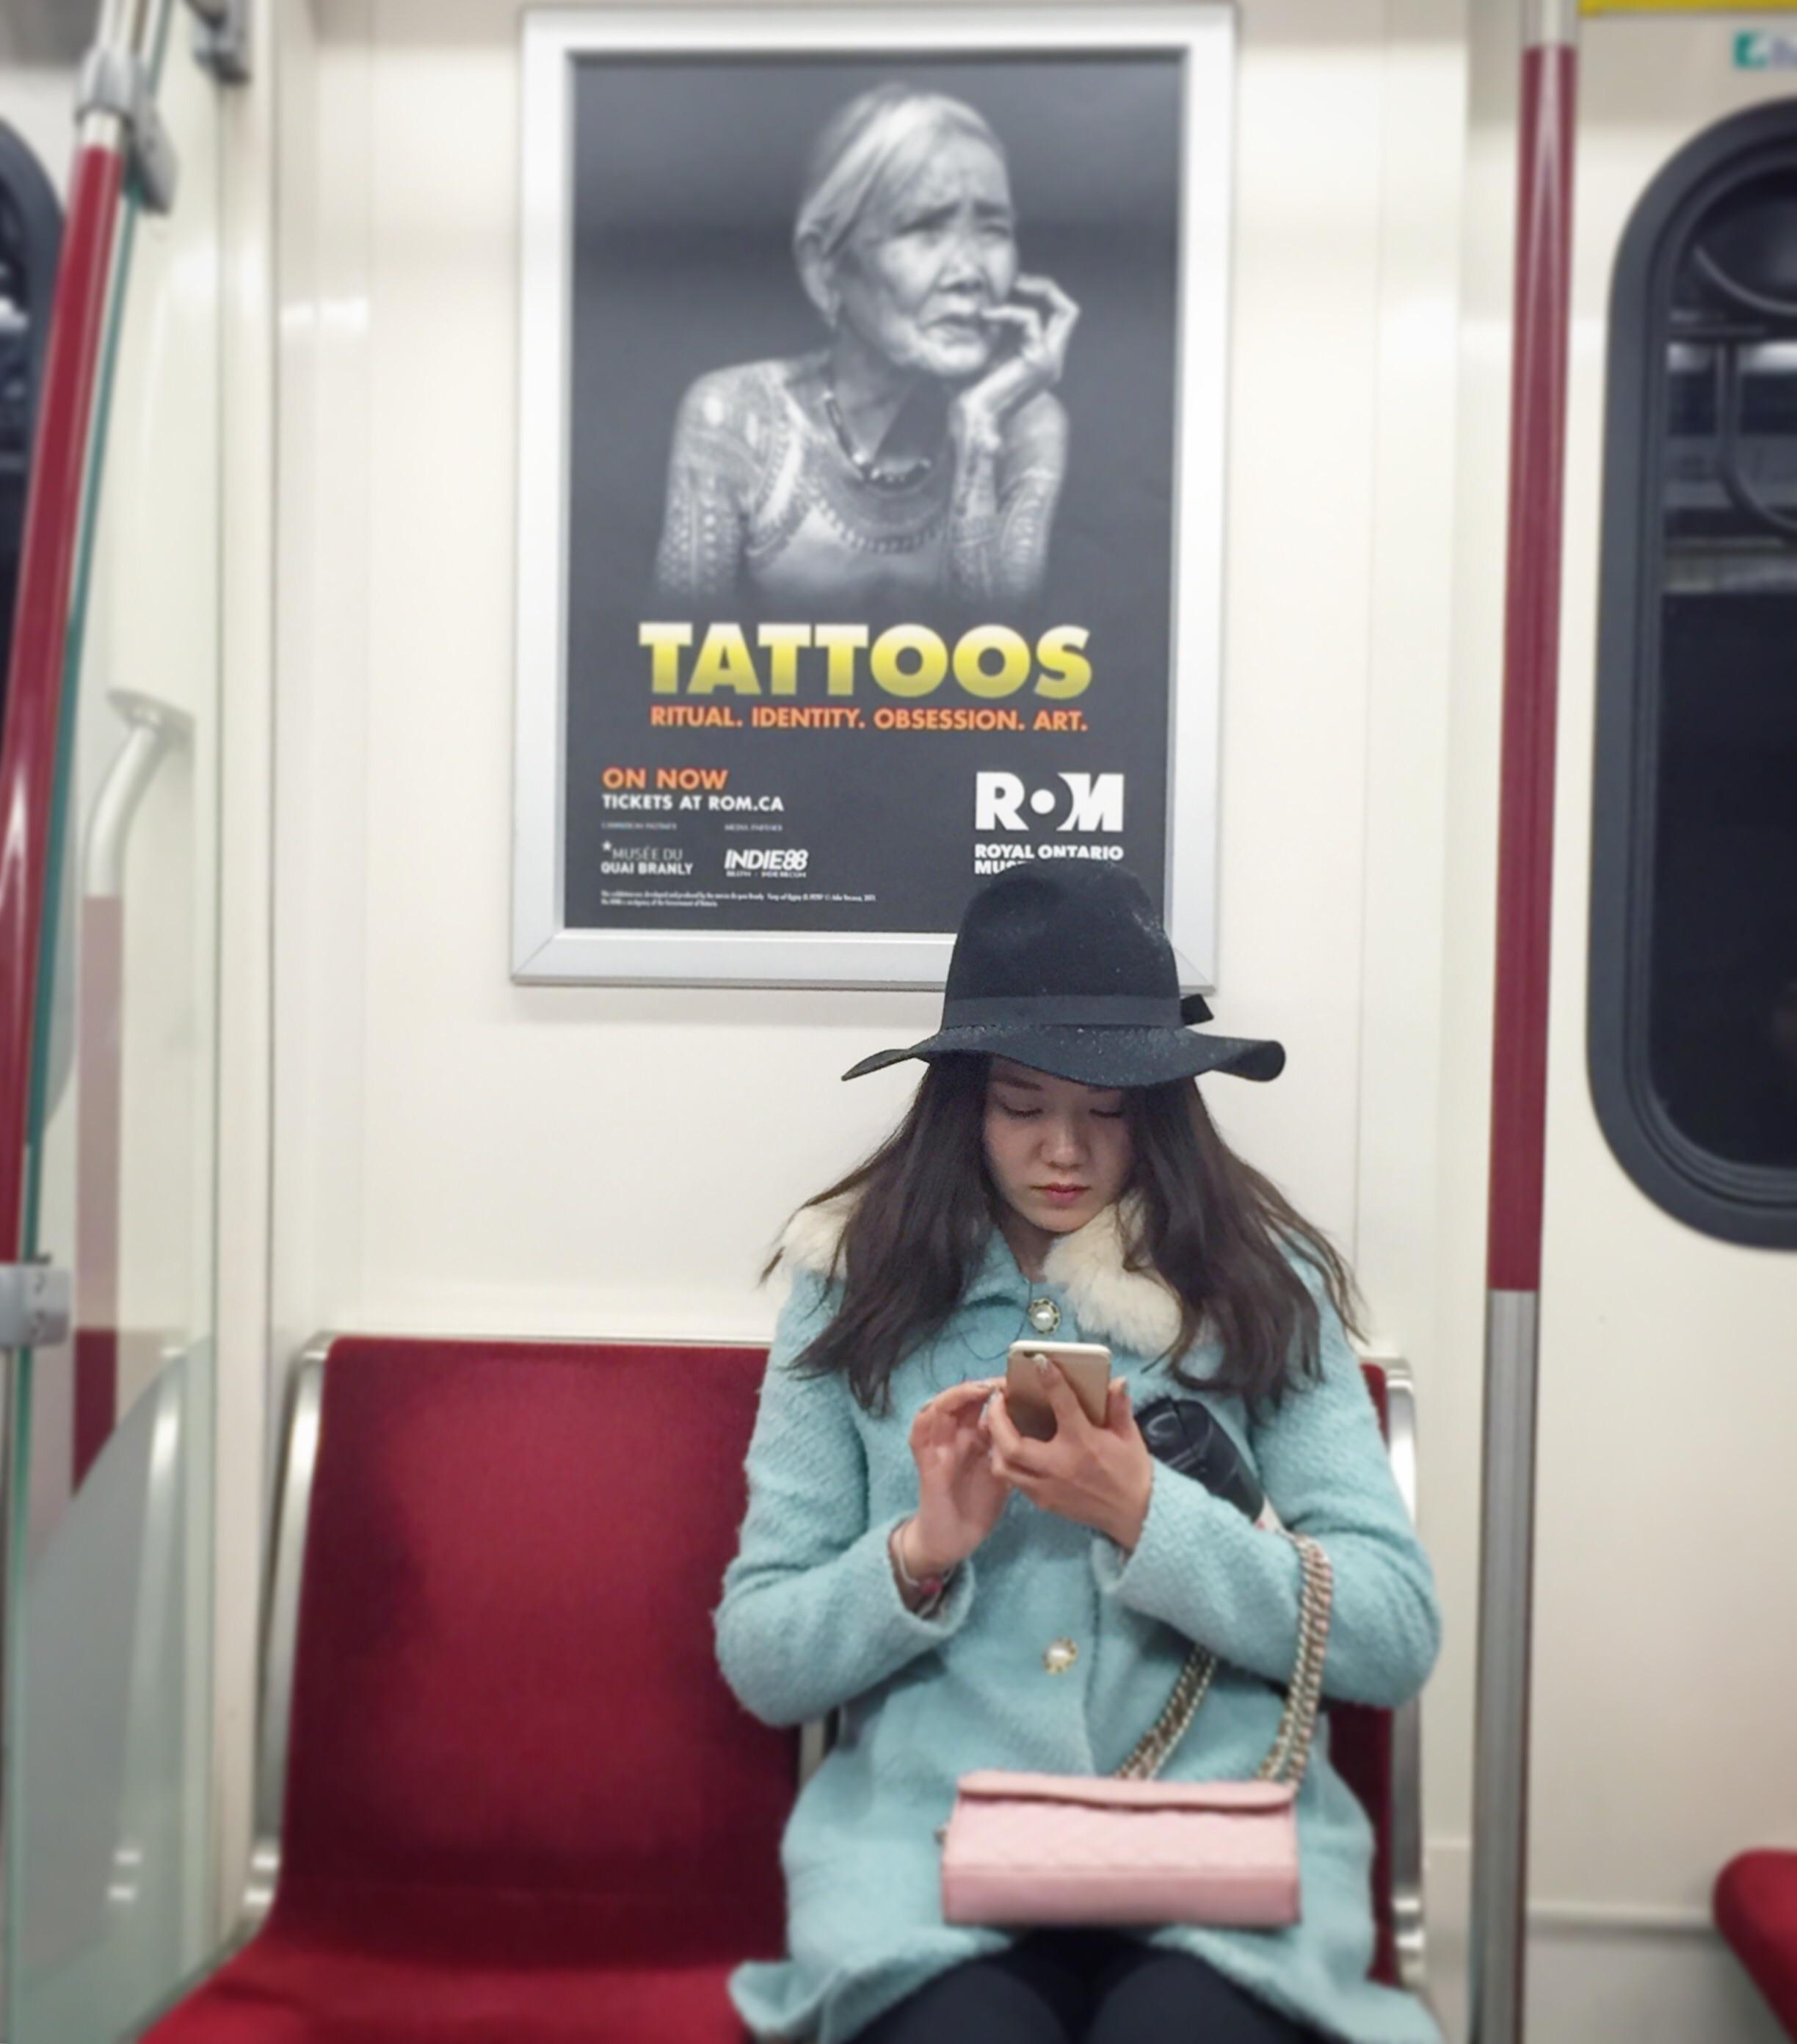 image 37 Другая SOVA ROM, tatoo, выставка, идентификация, искусство, Марк Джейкобс, одержимость, ритуал, тату, татуировк, Тин-Тин